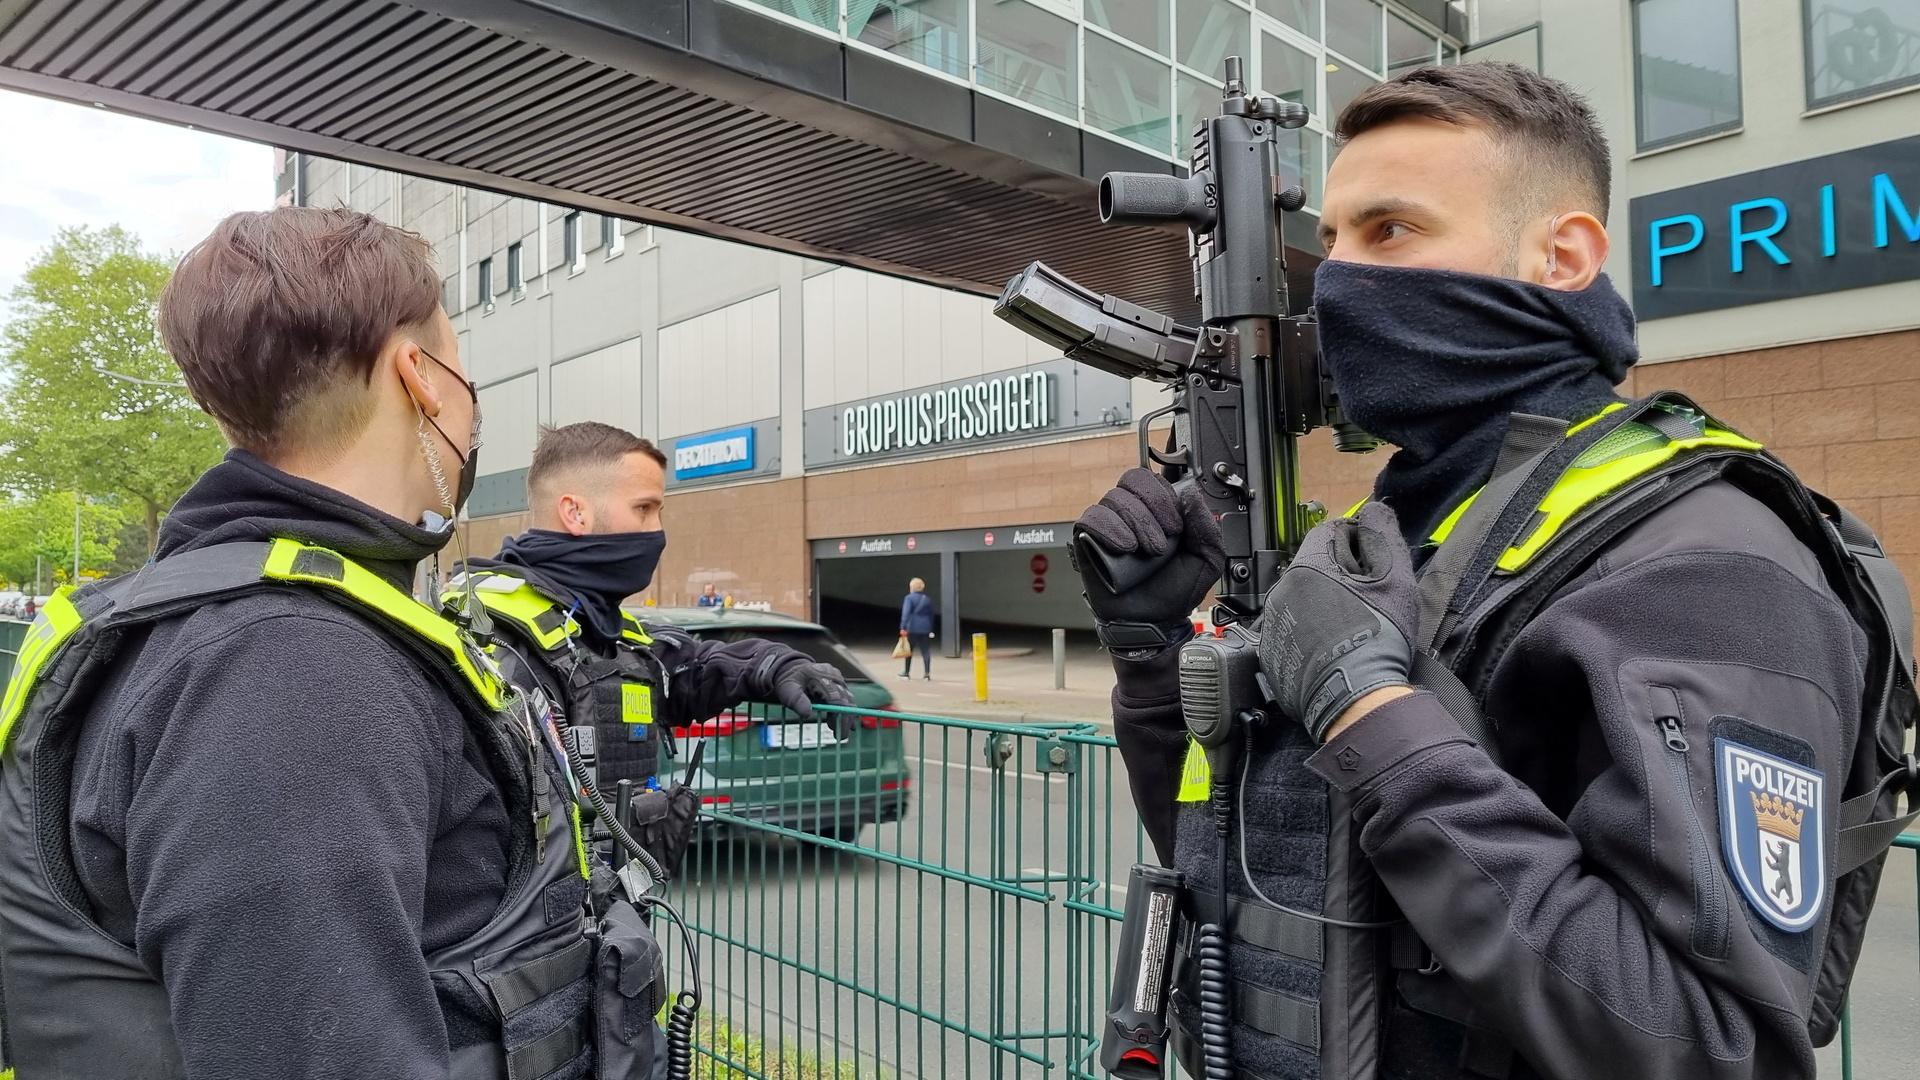 وسائل إعلام: إصابات في برلين بإطلاق للنار أمام أحد المتاجر